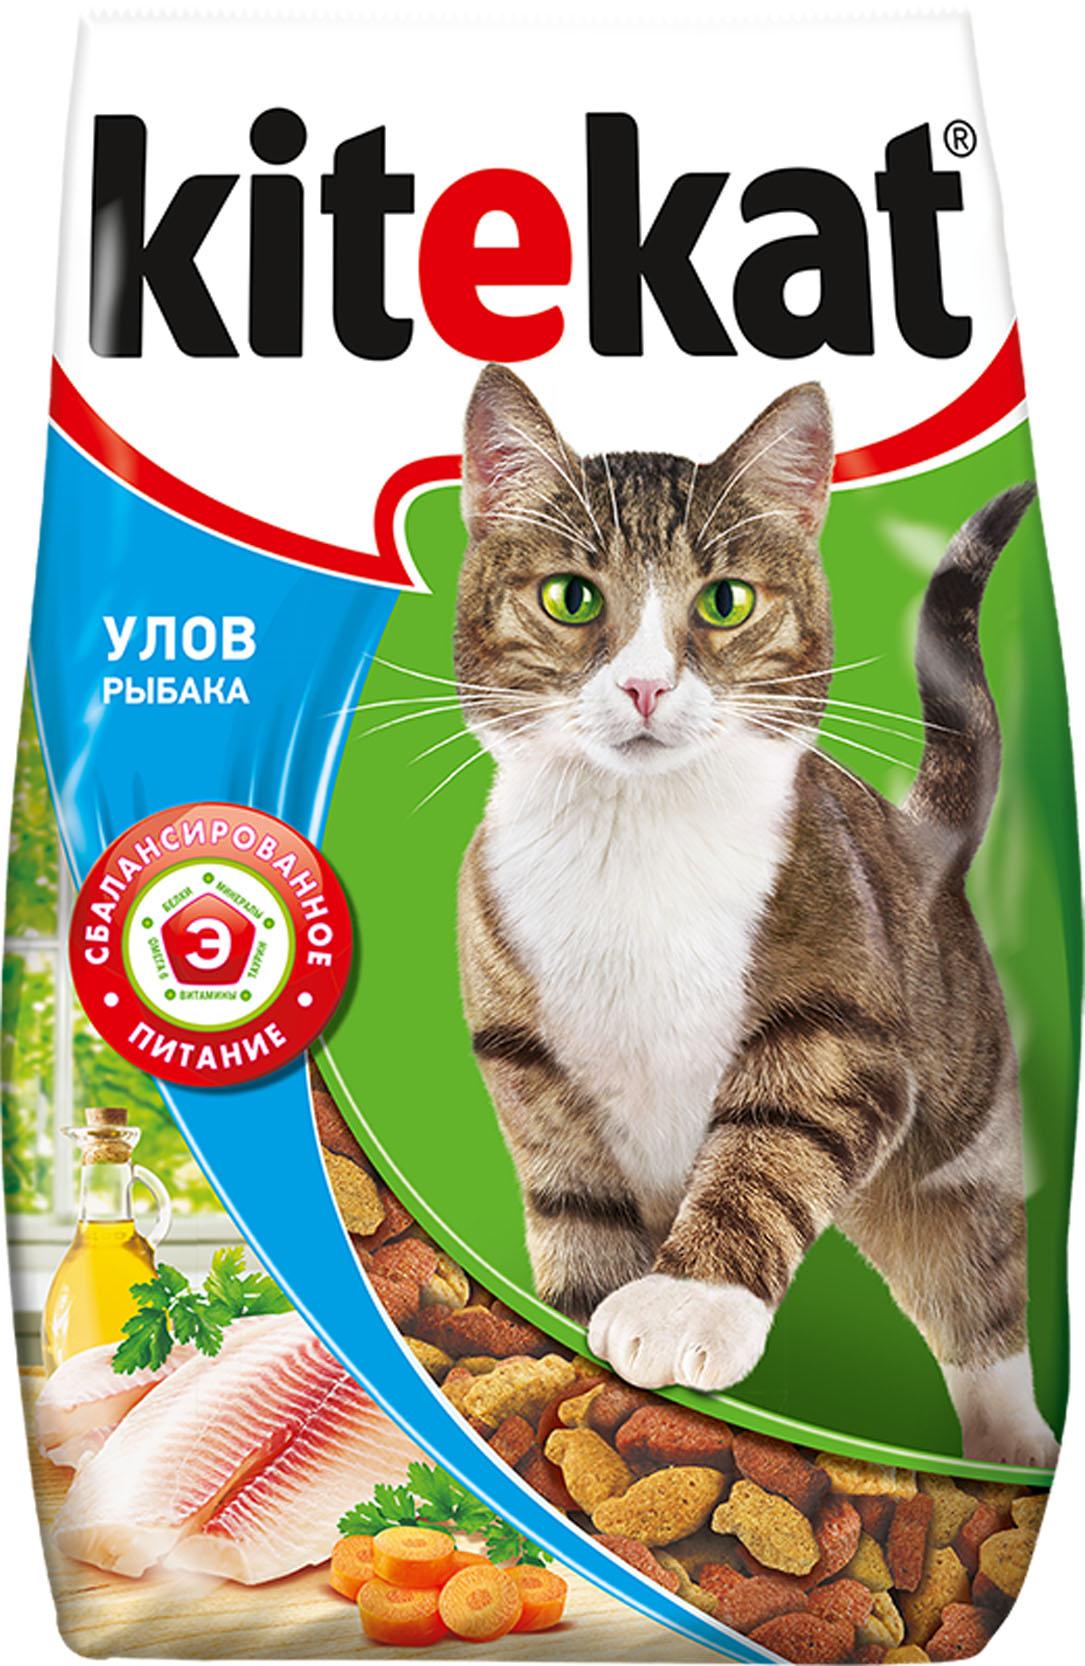 Корм сухой для кошек Kitekat, улов рыбака, 1,9 кг40435Сухой корм для взрослых кошек Kitekat - это специально разработанный рацион с оптимально сбалансированным содержанием белков, витаминов и микроэлементов. Уникальная формула Kitekat включает в себя все необходимые для здоровья компоненты: - белки - для поддержания мышечного тонуса, силы и энергии; - жирные кислоты - для здоровой кожи и блестящей шерсти; - кальций, фосфор, витамин D - для крепости костей и зубов; - таурин - для остроты зрения и стабильной работы сердца; - витамины и минералы, натуральные волокна - для хорошего пищеварения, правильного обмена веществ, укрепления здоровья.Товар сертифицирован.